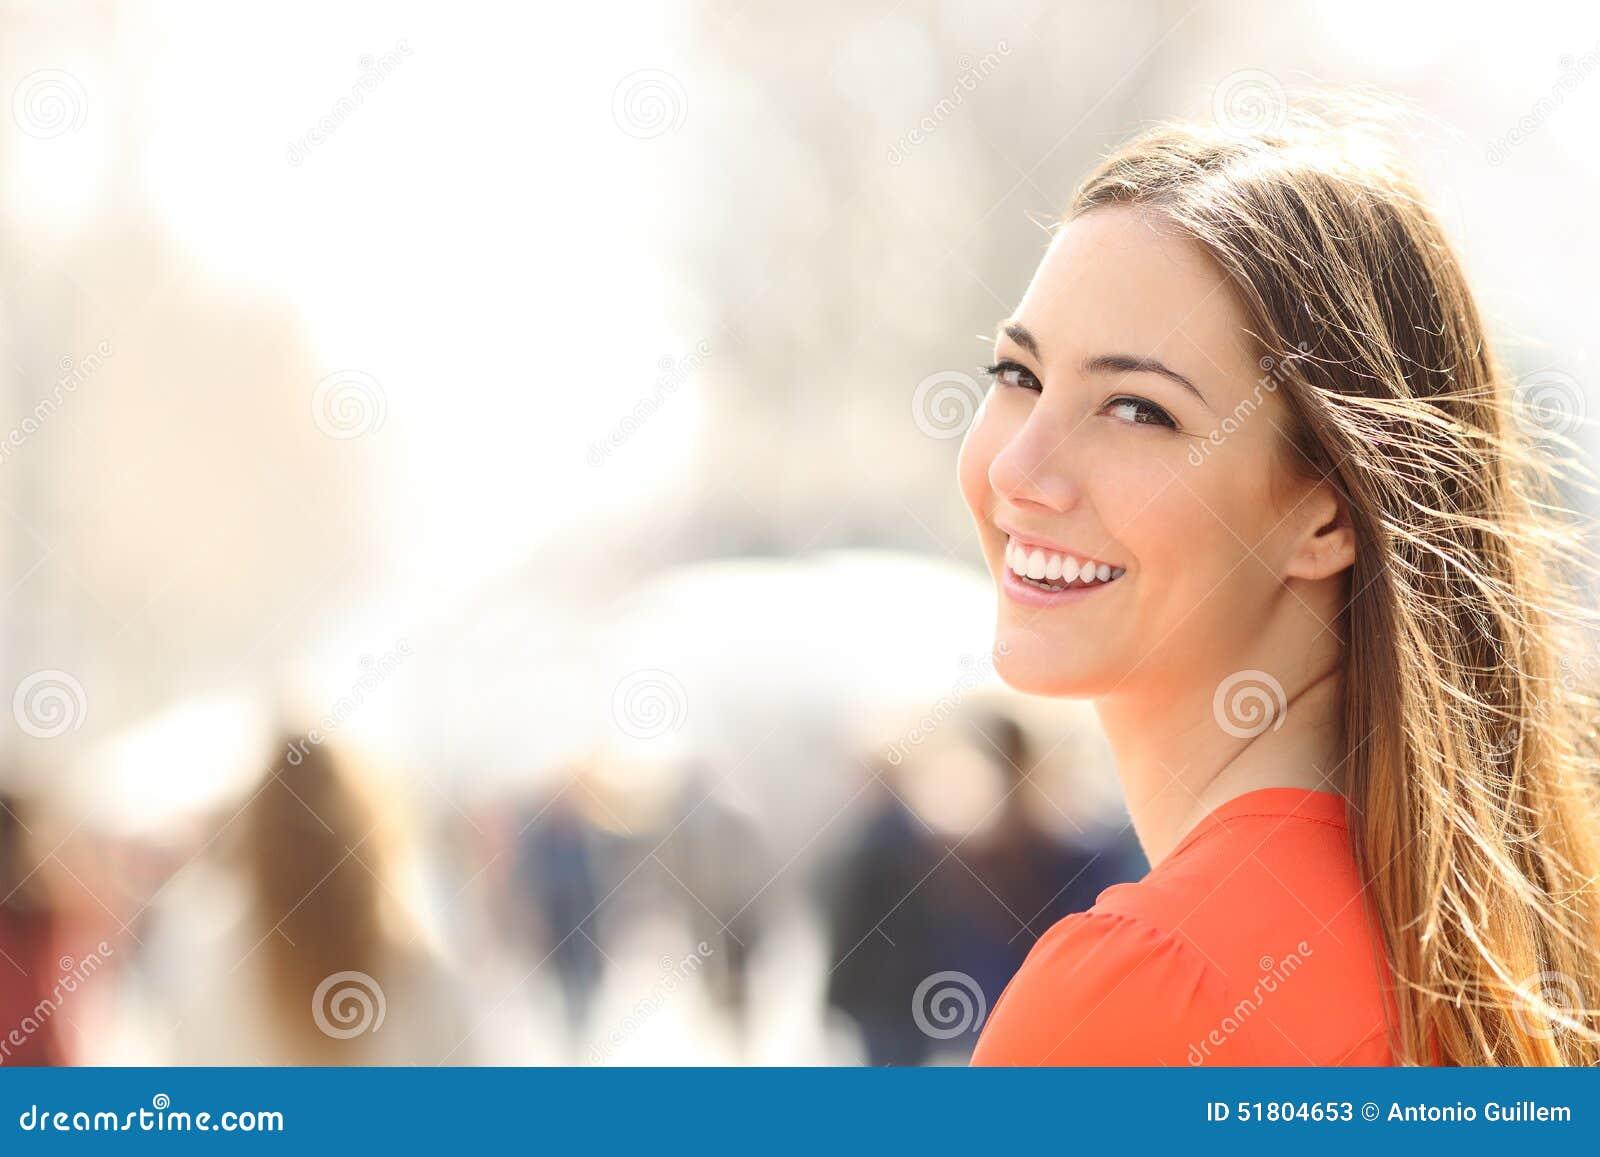 женщины совершенной красоты фото